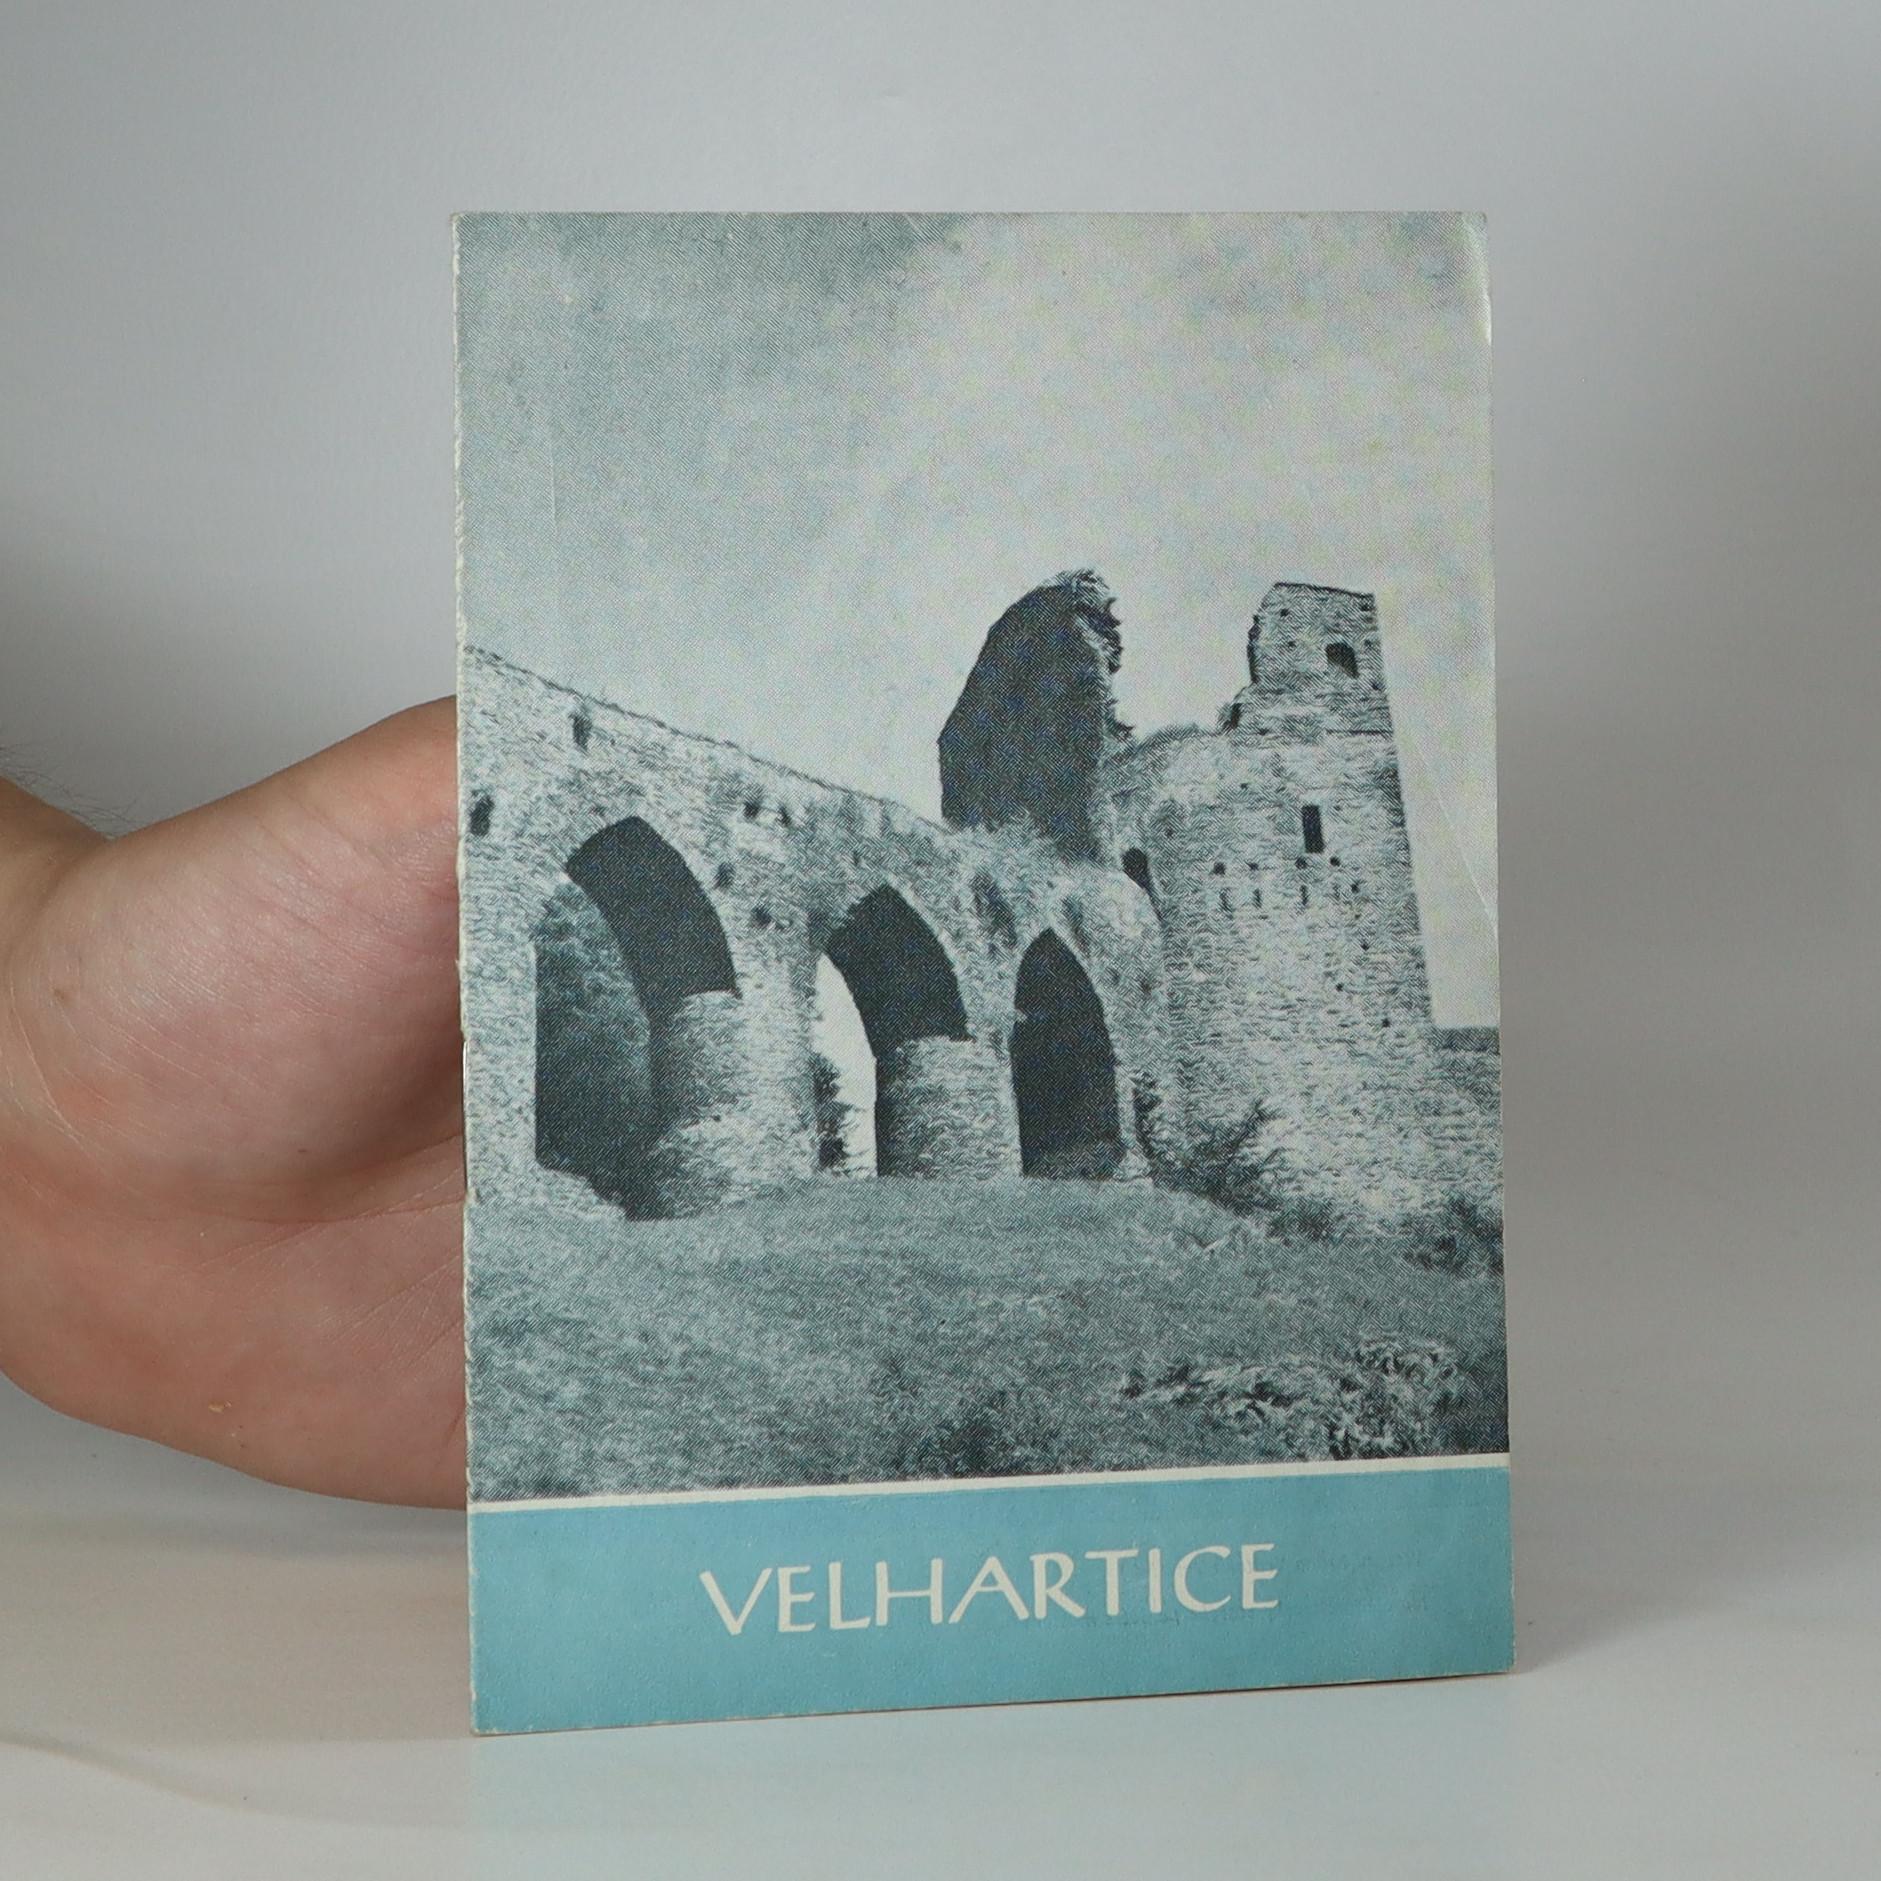 antikvární kniha Velhartice, 1962